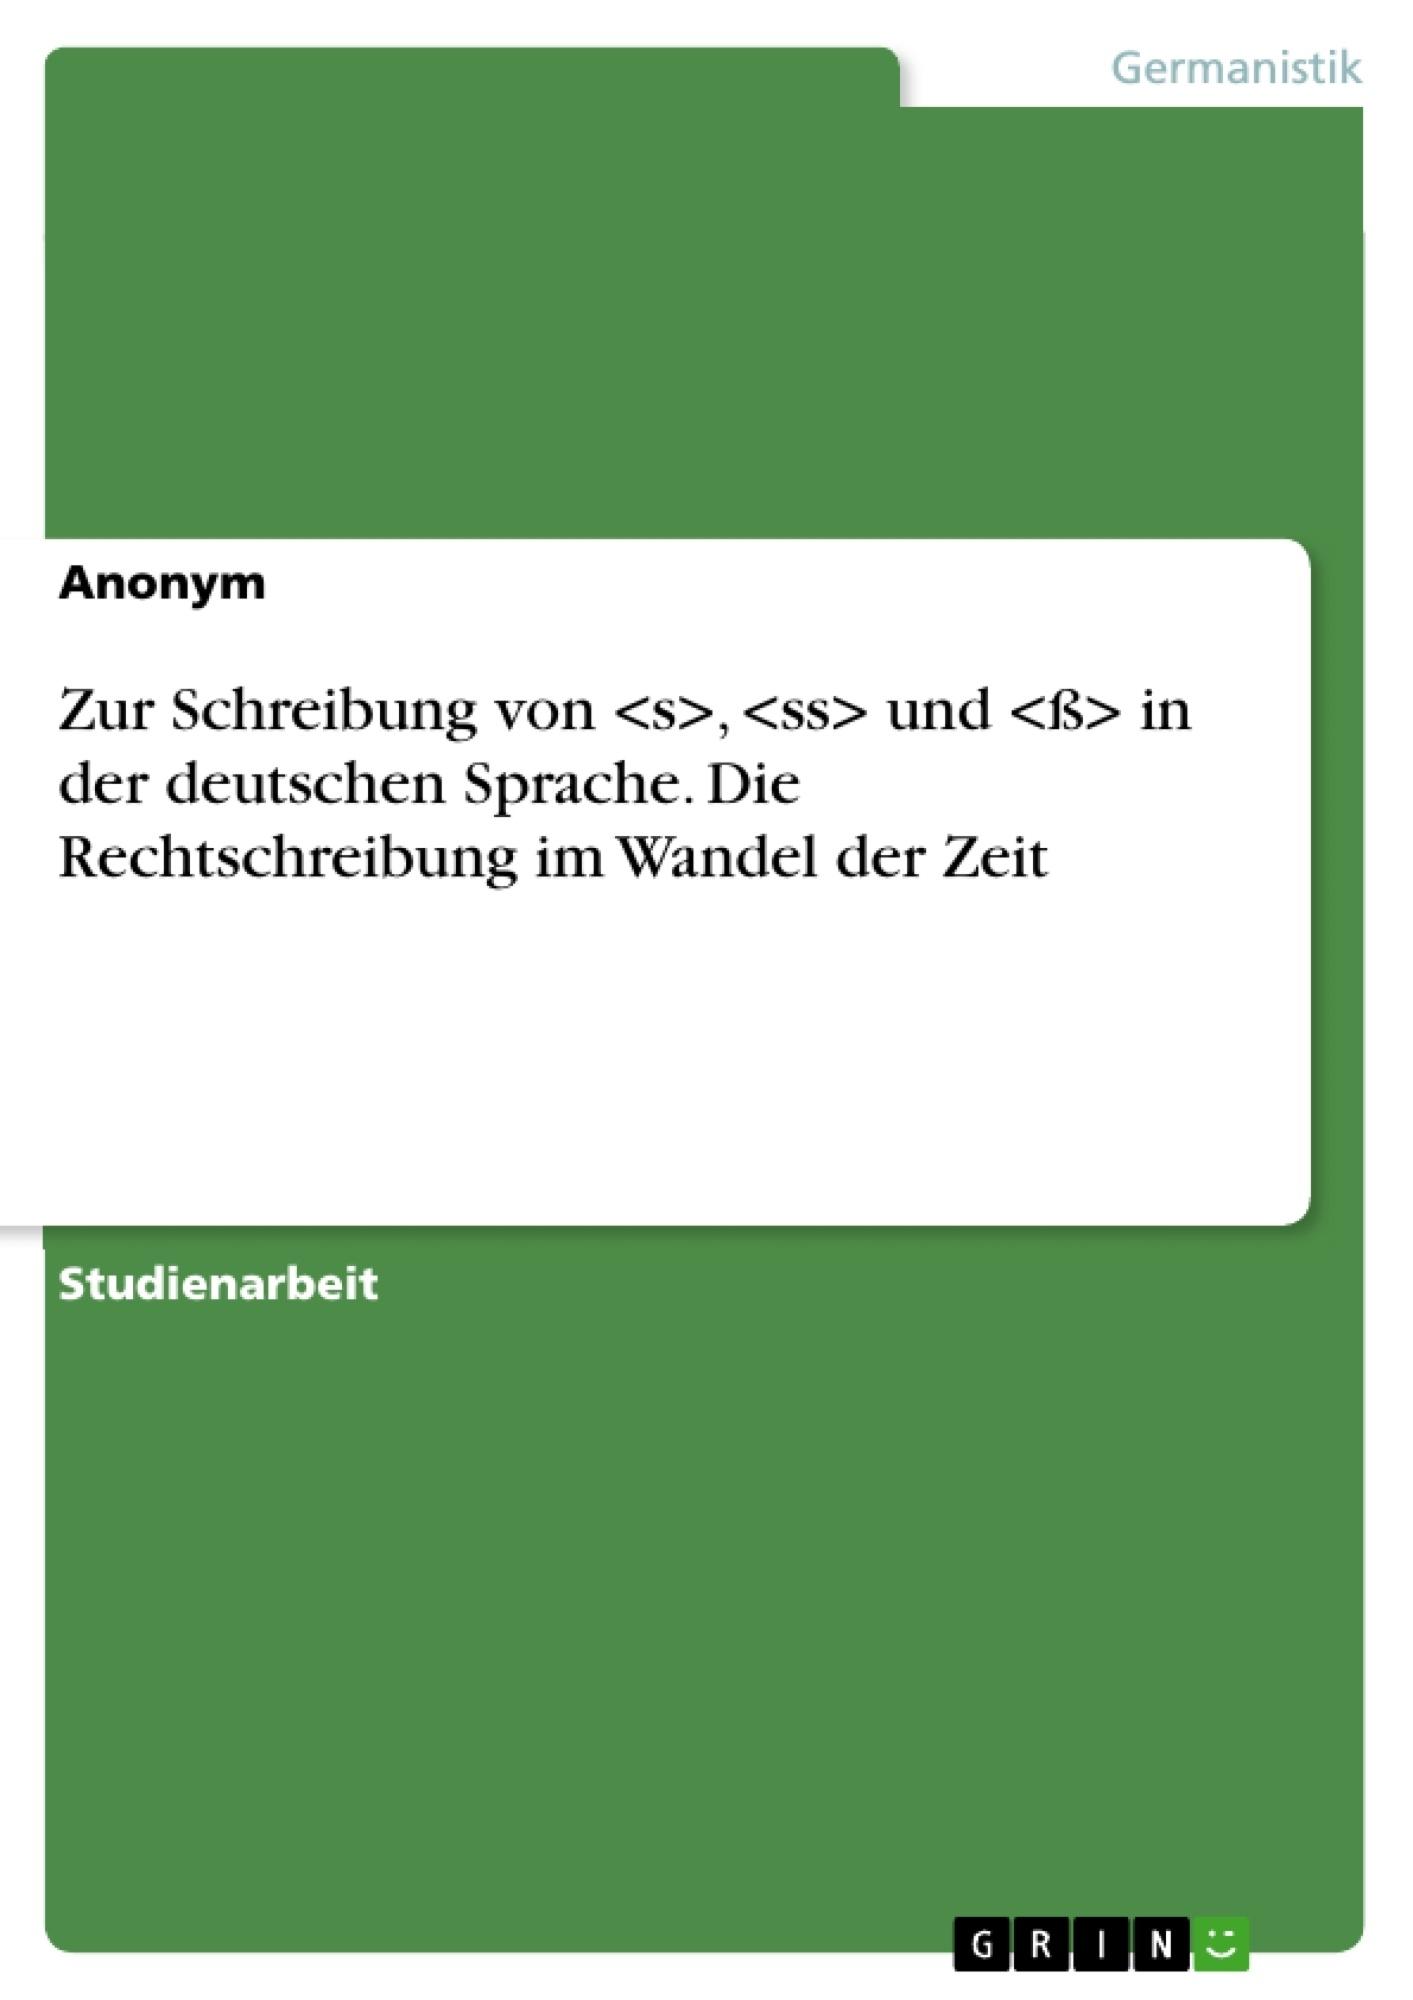 Titel: Zur Schreibung von <s>, <ss> und <ß> in der deutschen Sprache. Die Rechtschreibung im Wandel der Zeit